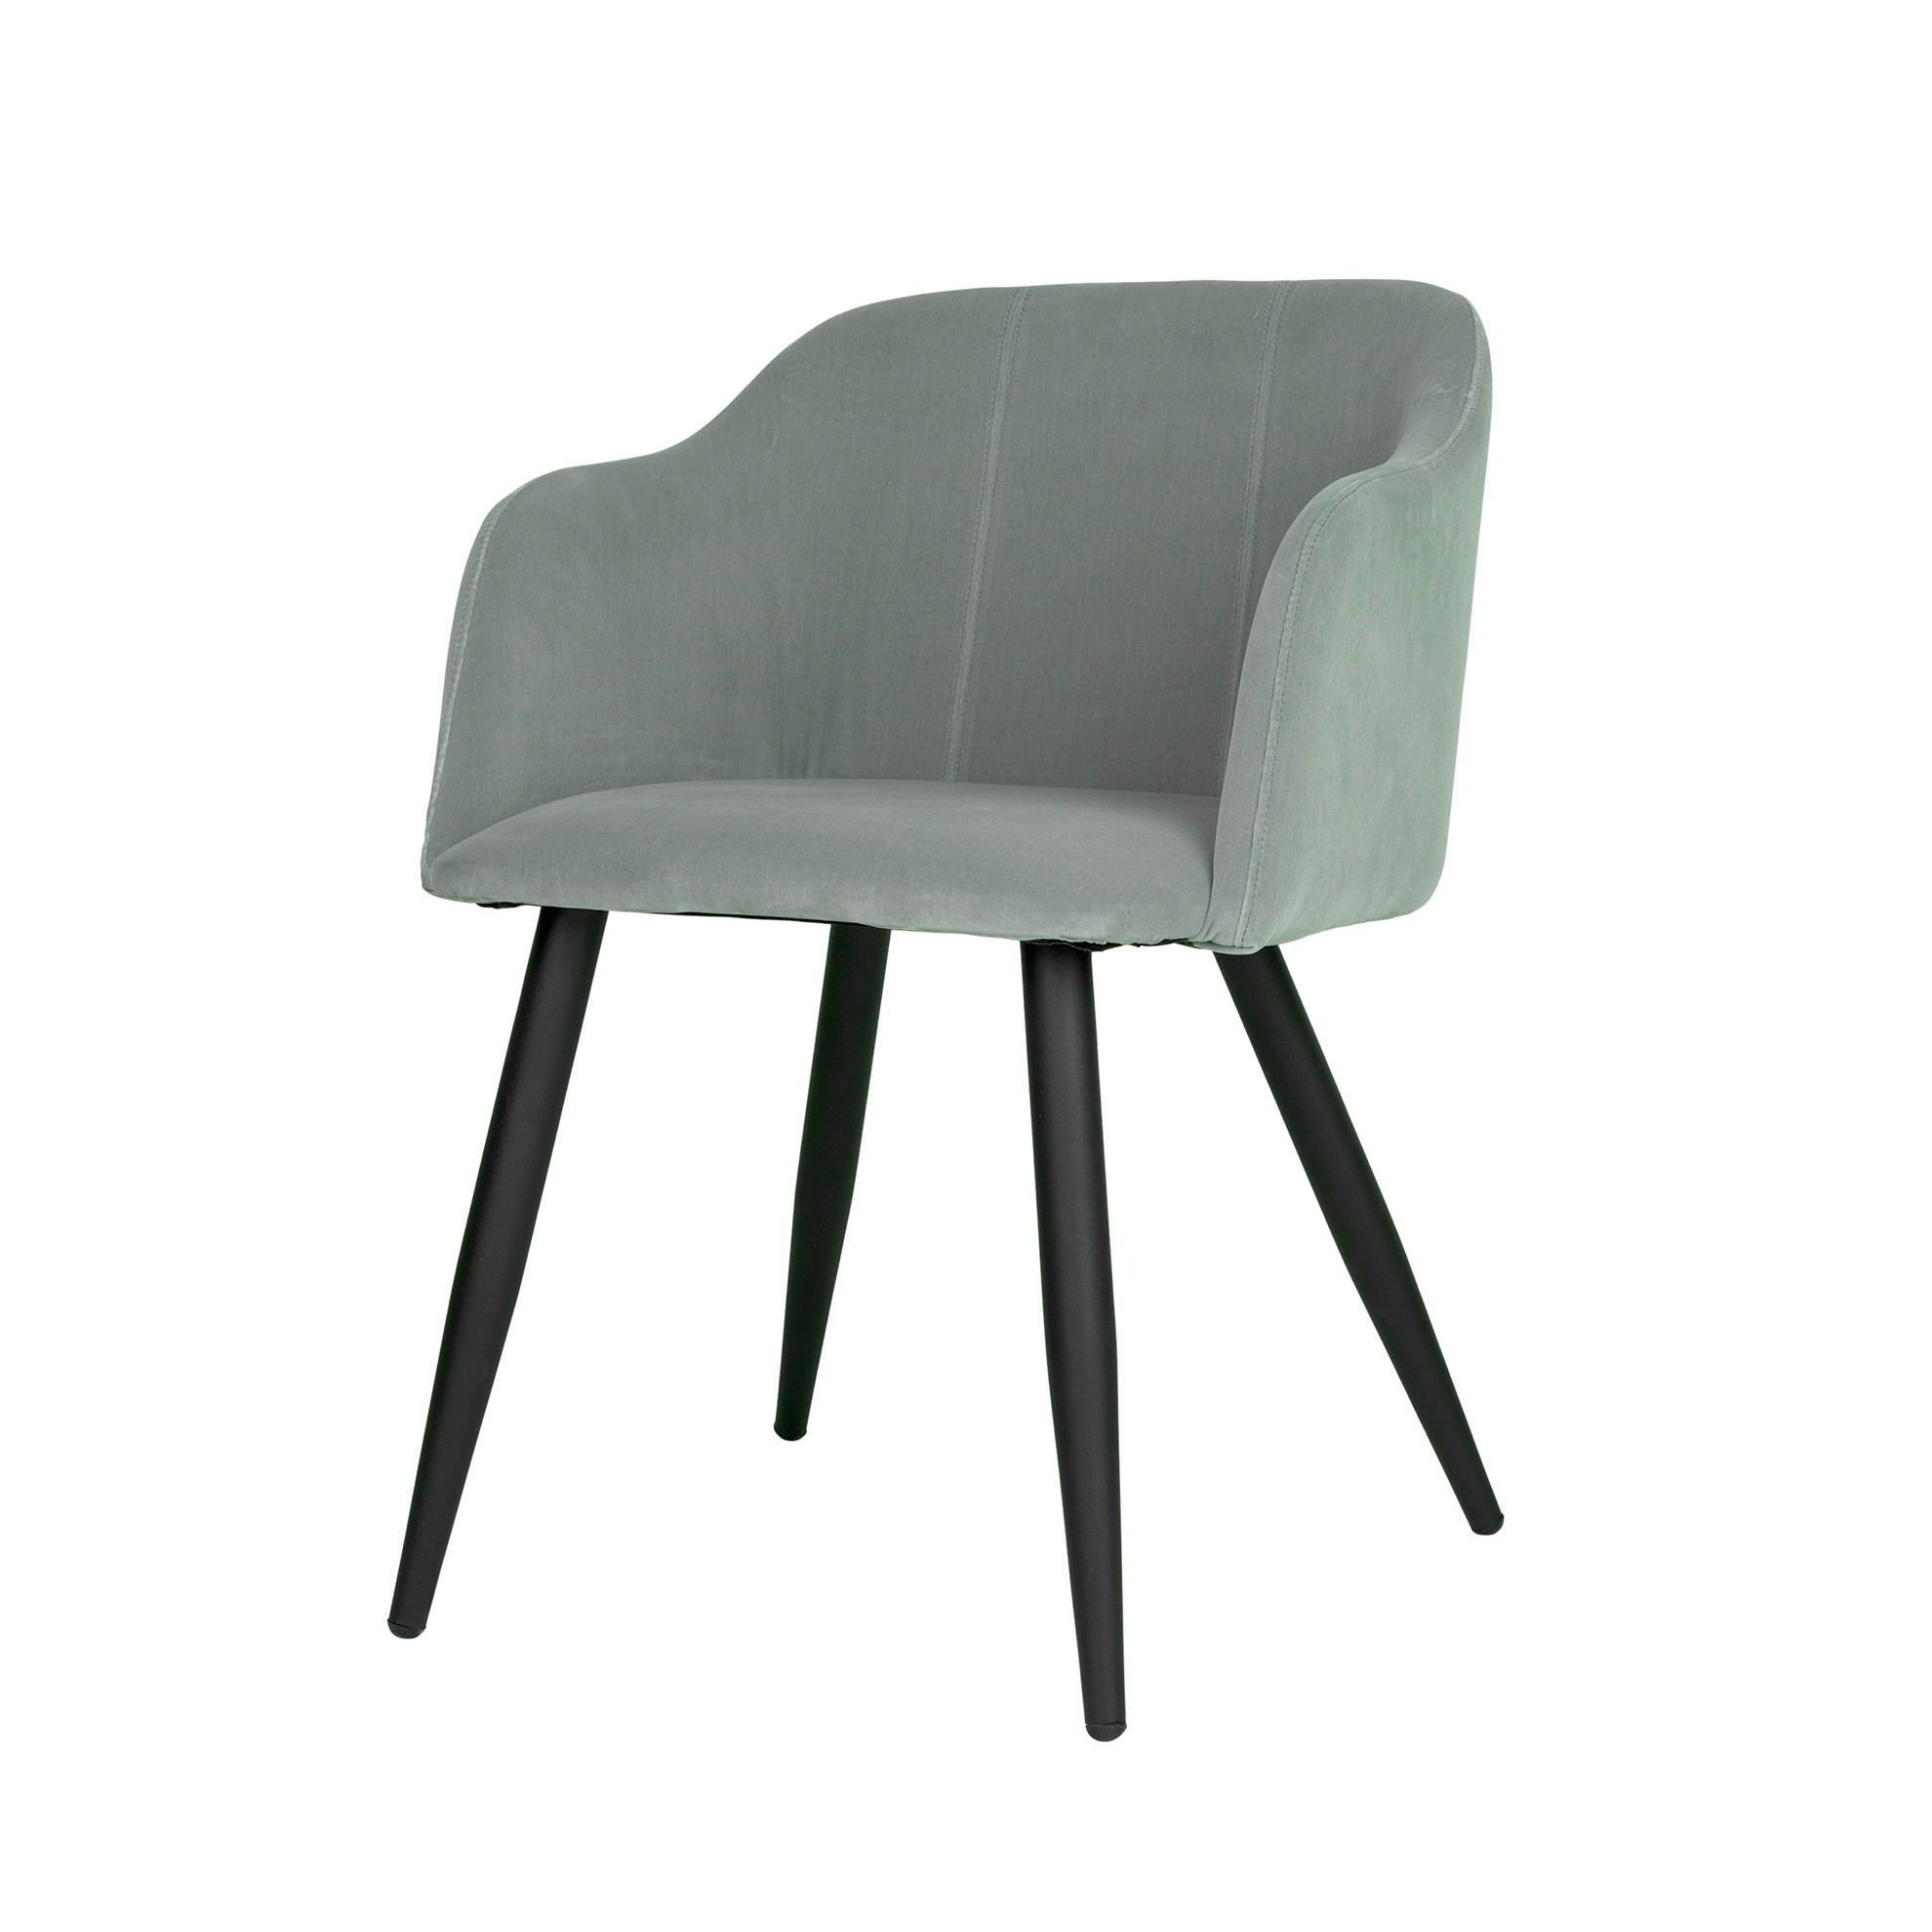 Jídelní židle PERNILLA zelenošedá_0